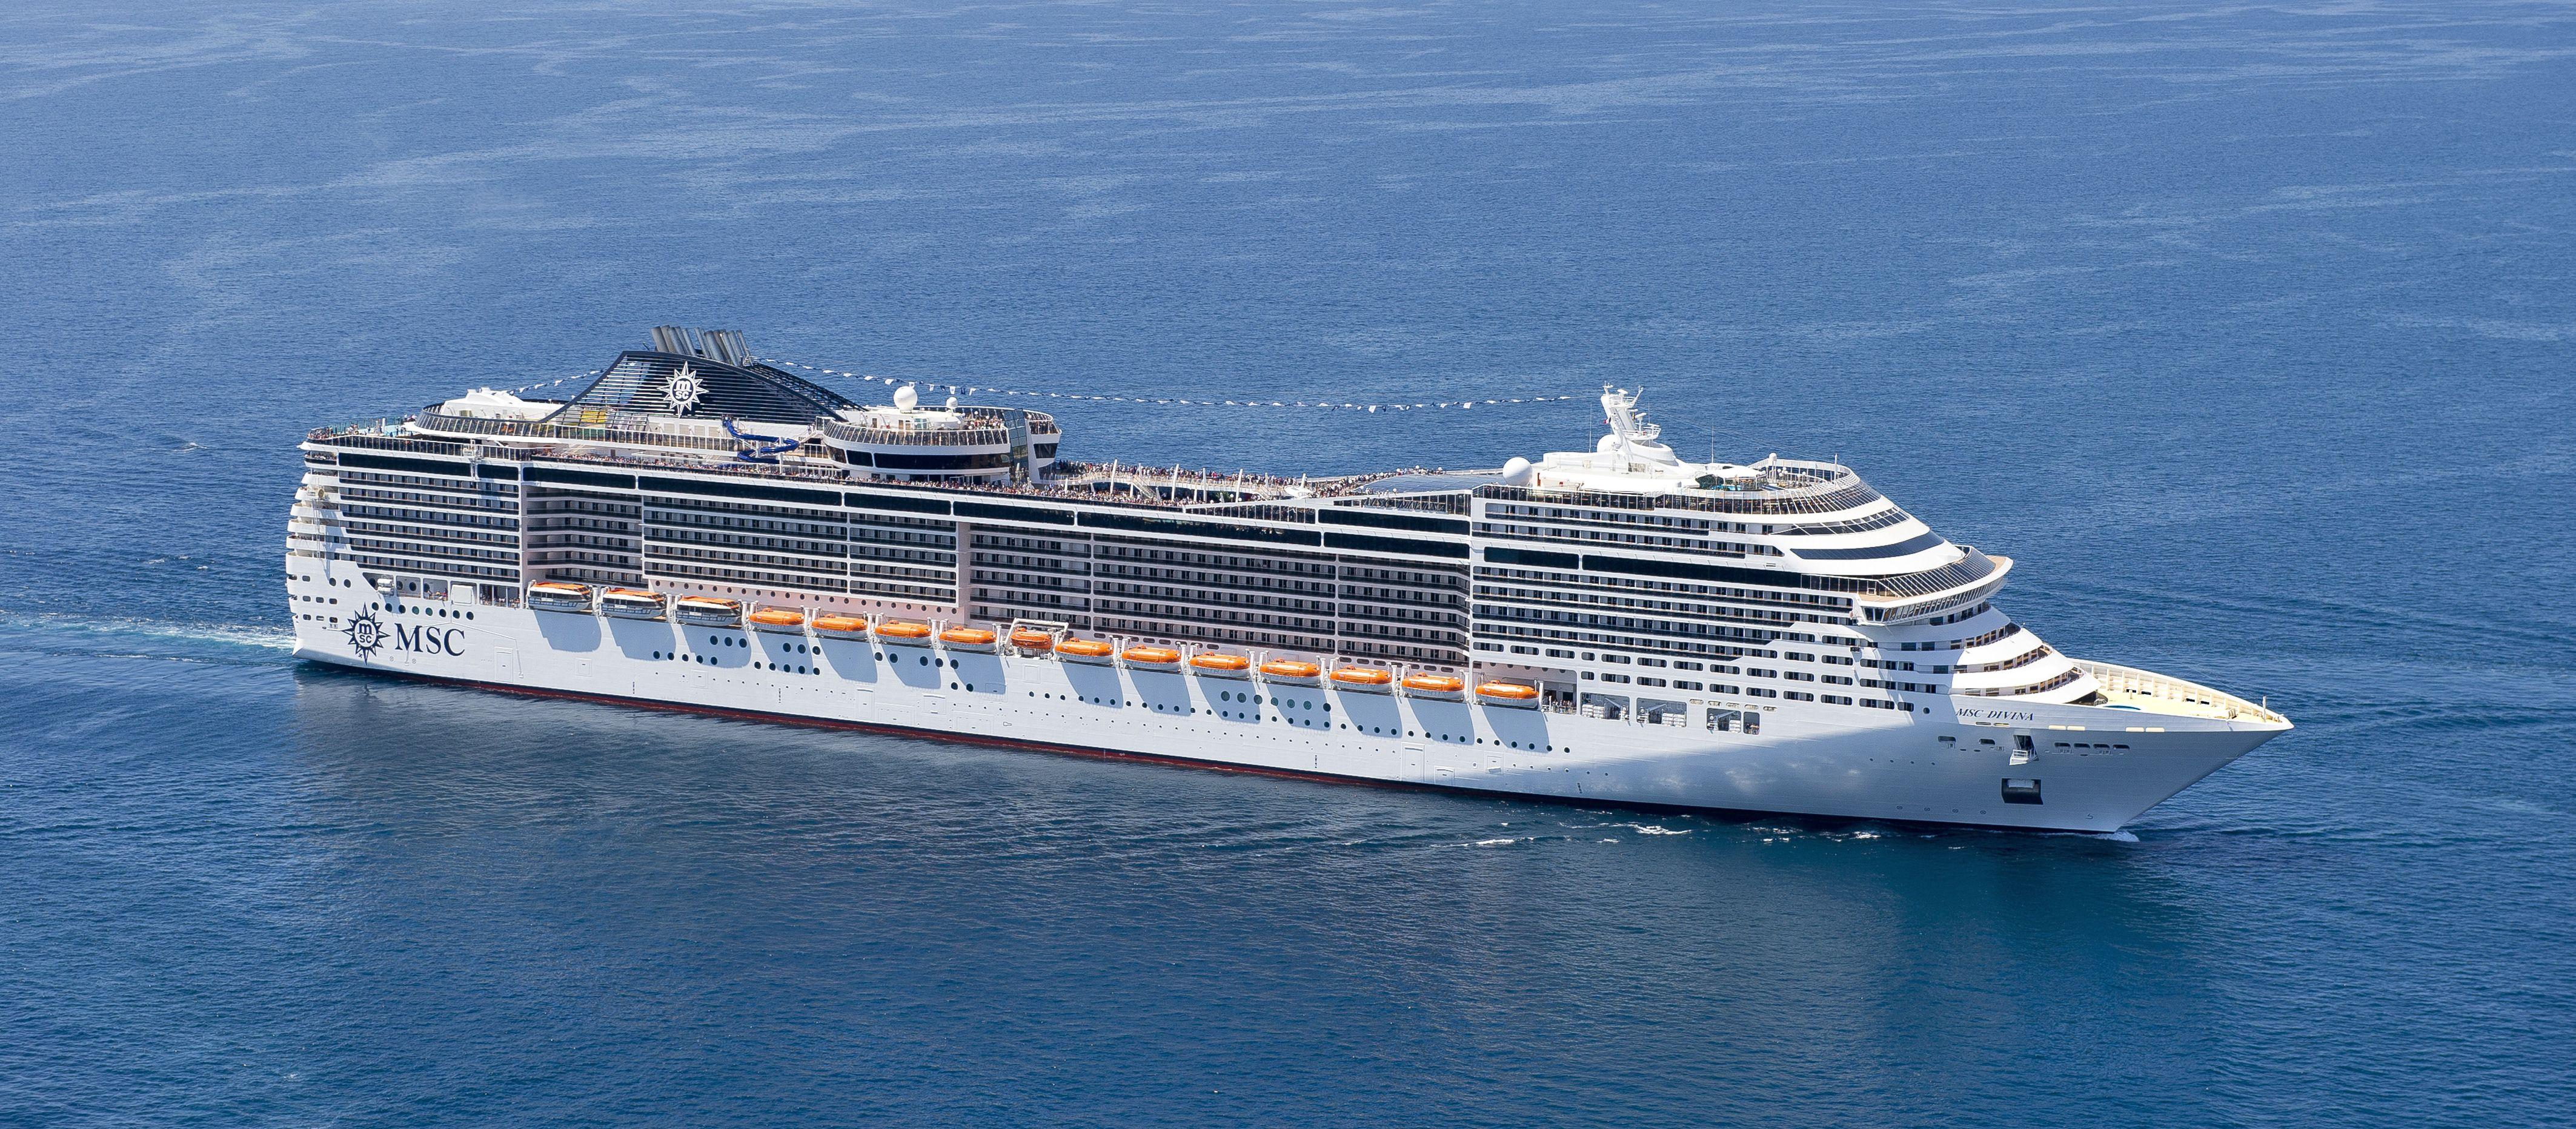 Seitenansicht des MSC Kreuzfahrtschiffes Divina